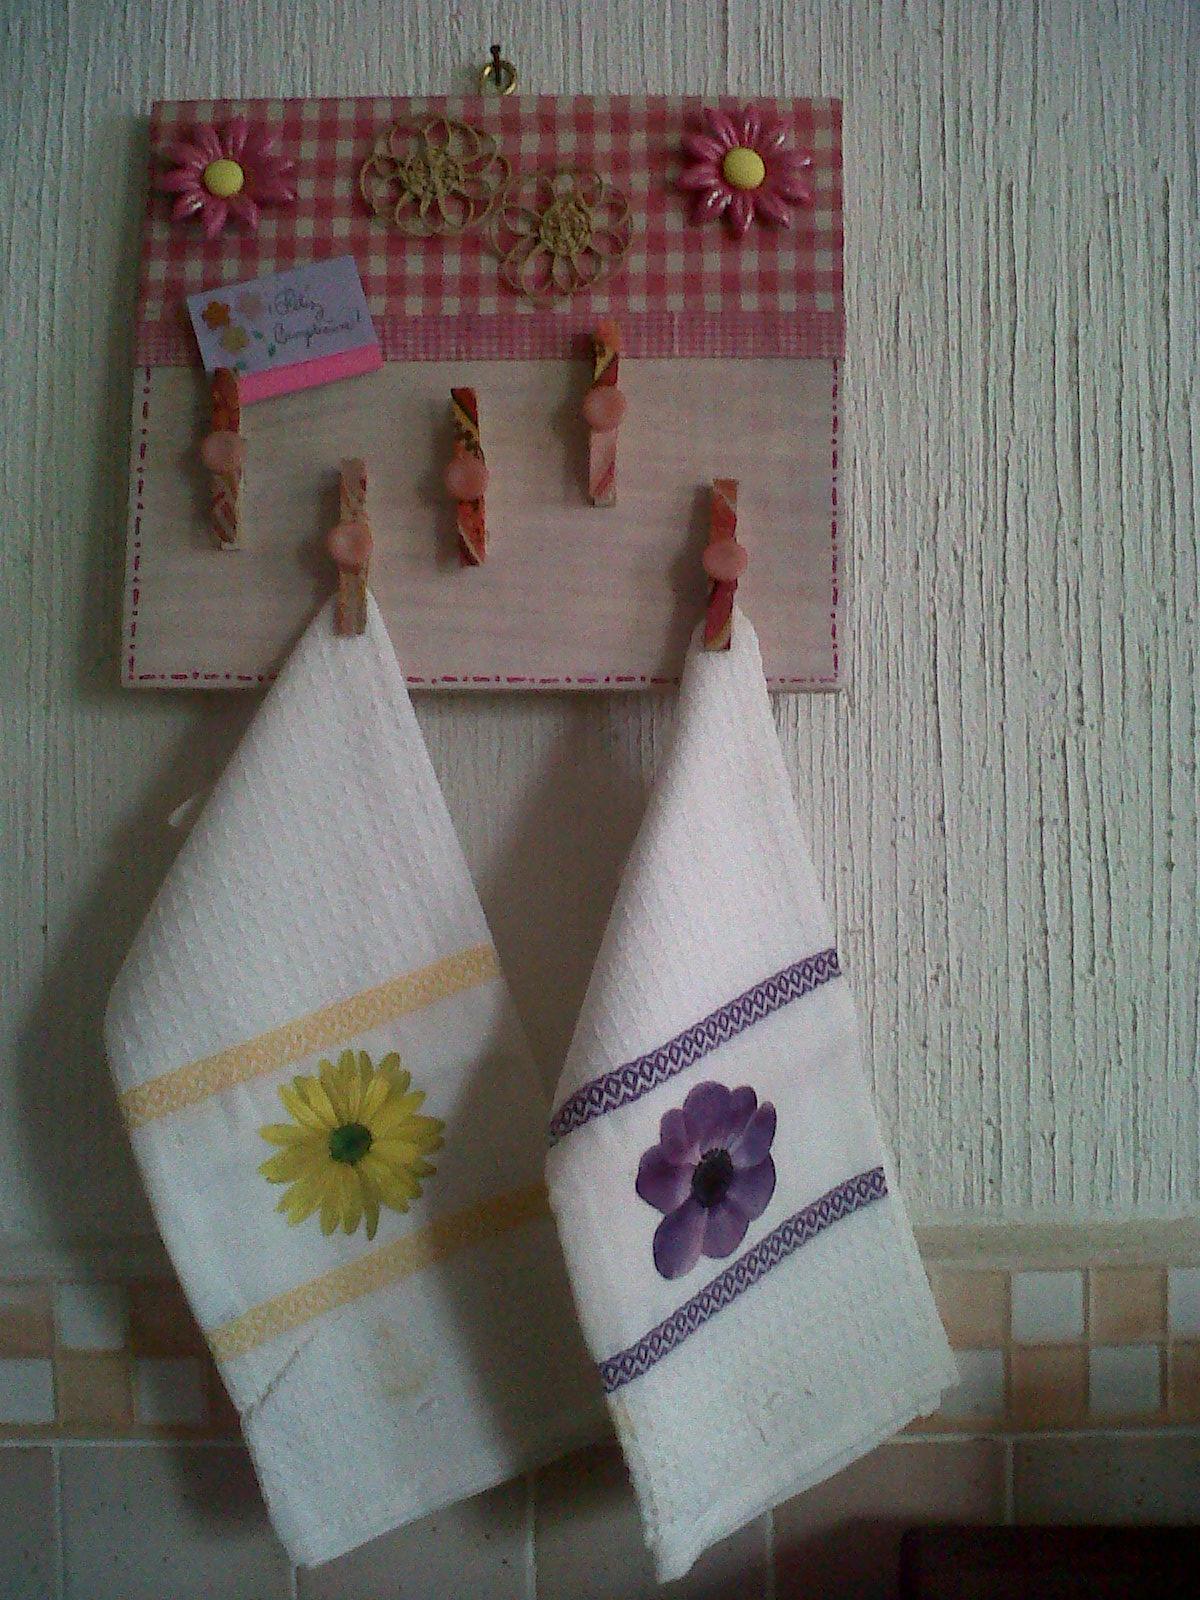 Smicasa ganchos de madera de ropa para tus mensajes - Ropa de cocina ...